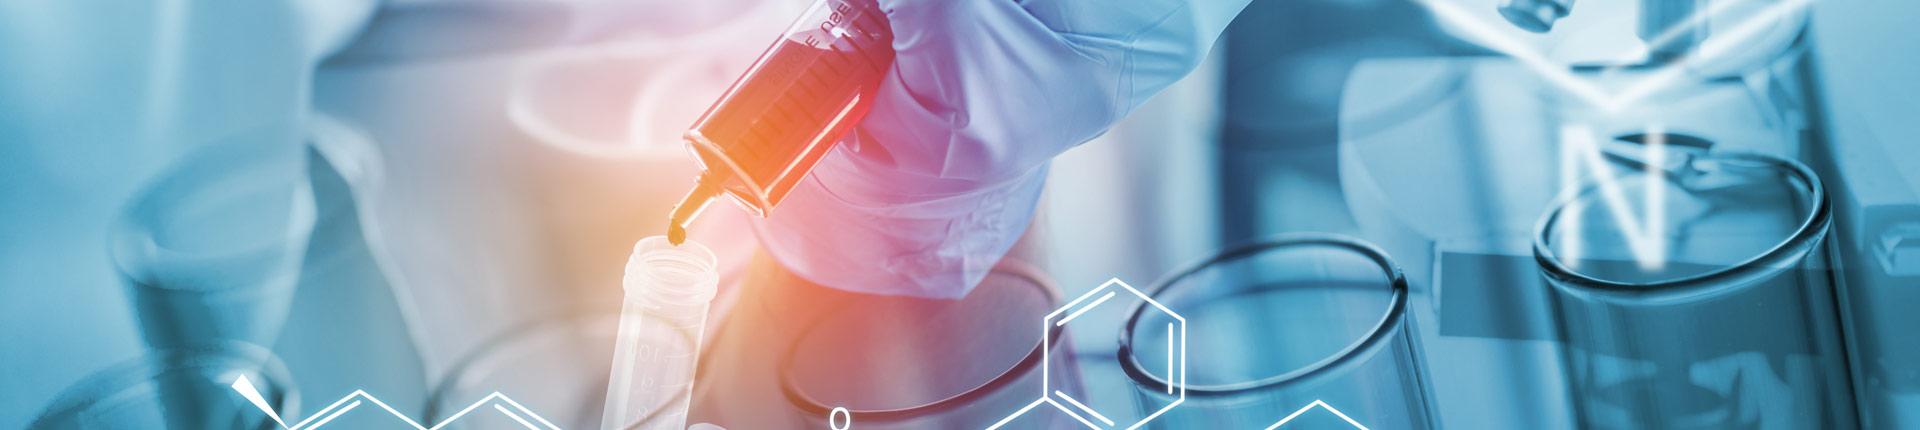 Regularne picie zielonej herbaty zmniejsza ryzyko zgonu u kobiet z nowotworem jajnika